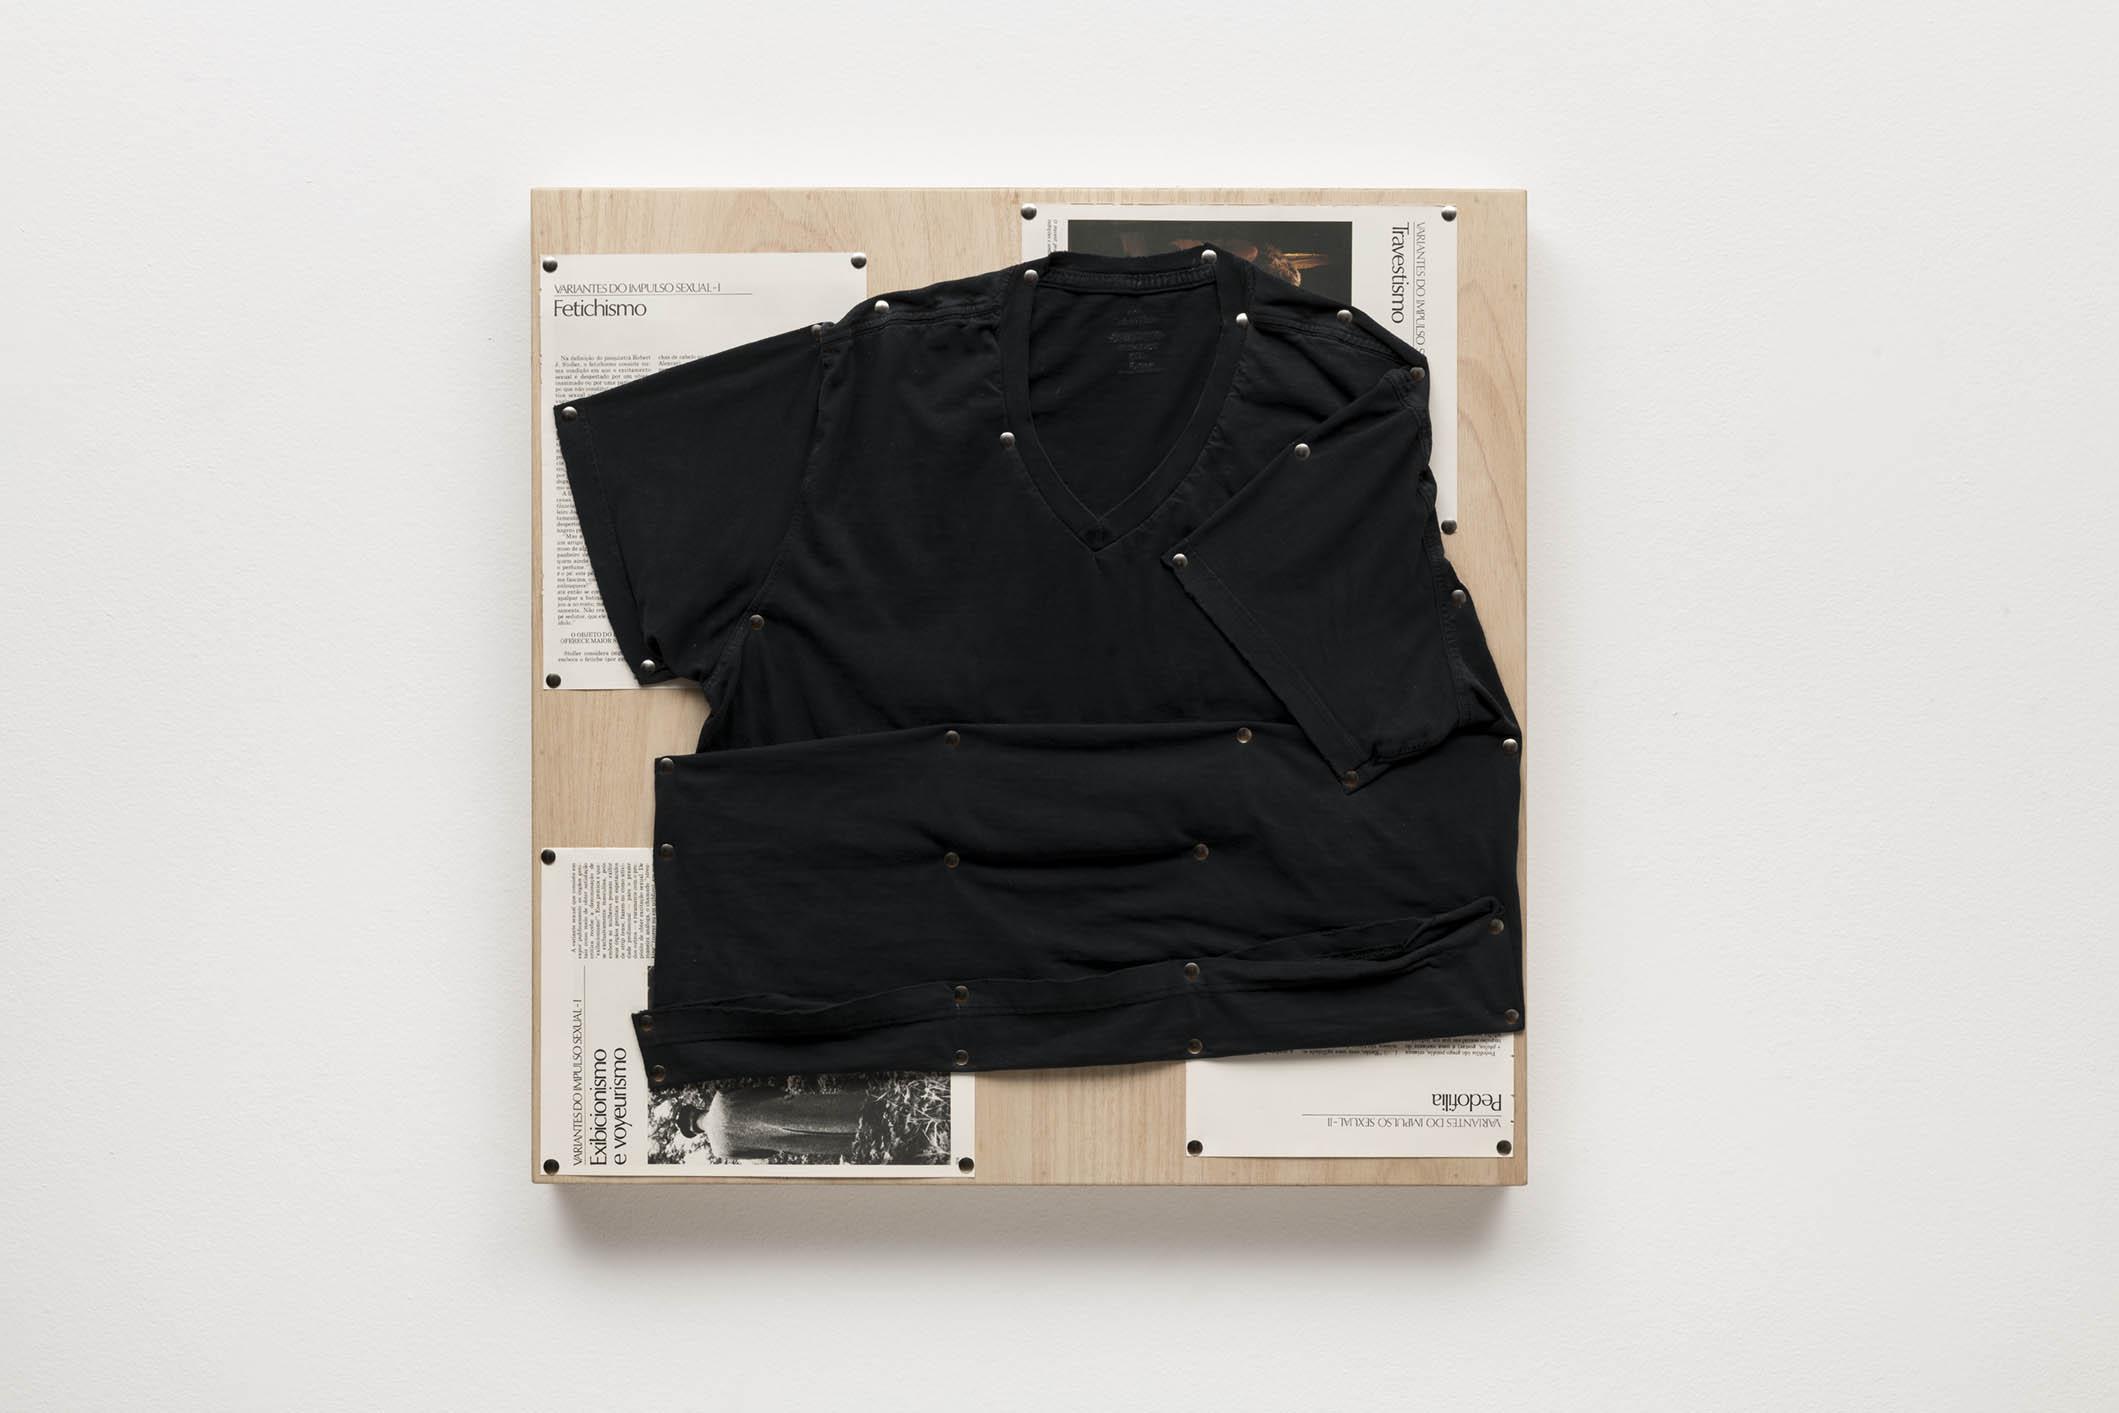 Spatial Constraints #5, 2019   camiseta, páginas de livro e pinos de aço sobre madeira |  plywood, t-shirts, book pages, steel pushpins   61 x 61 x 5 cm | 24 x 24 x 2 in